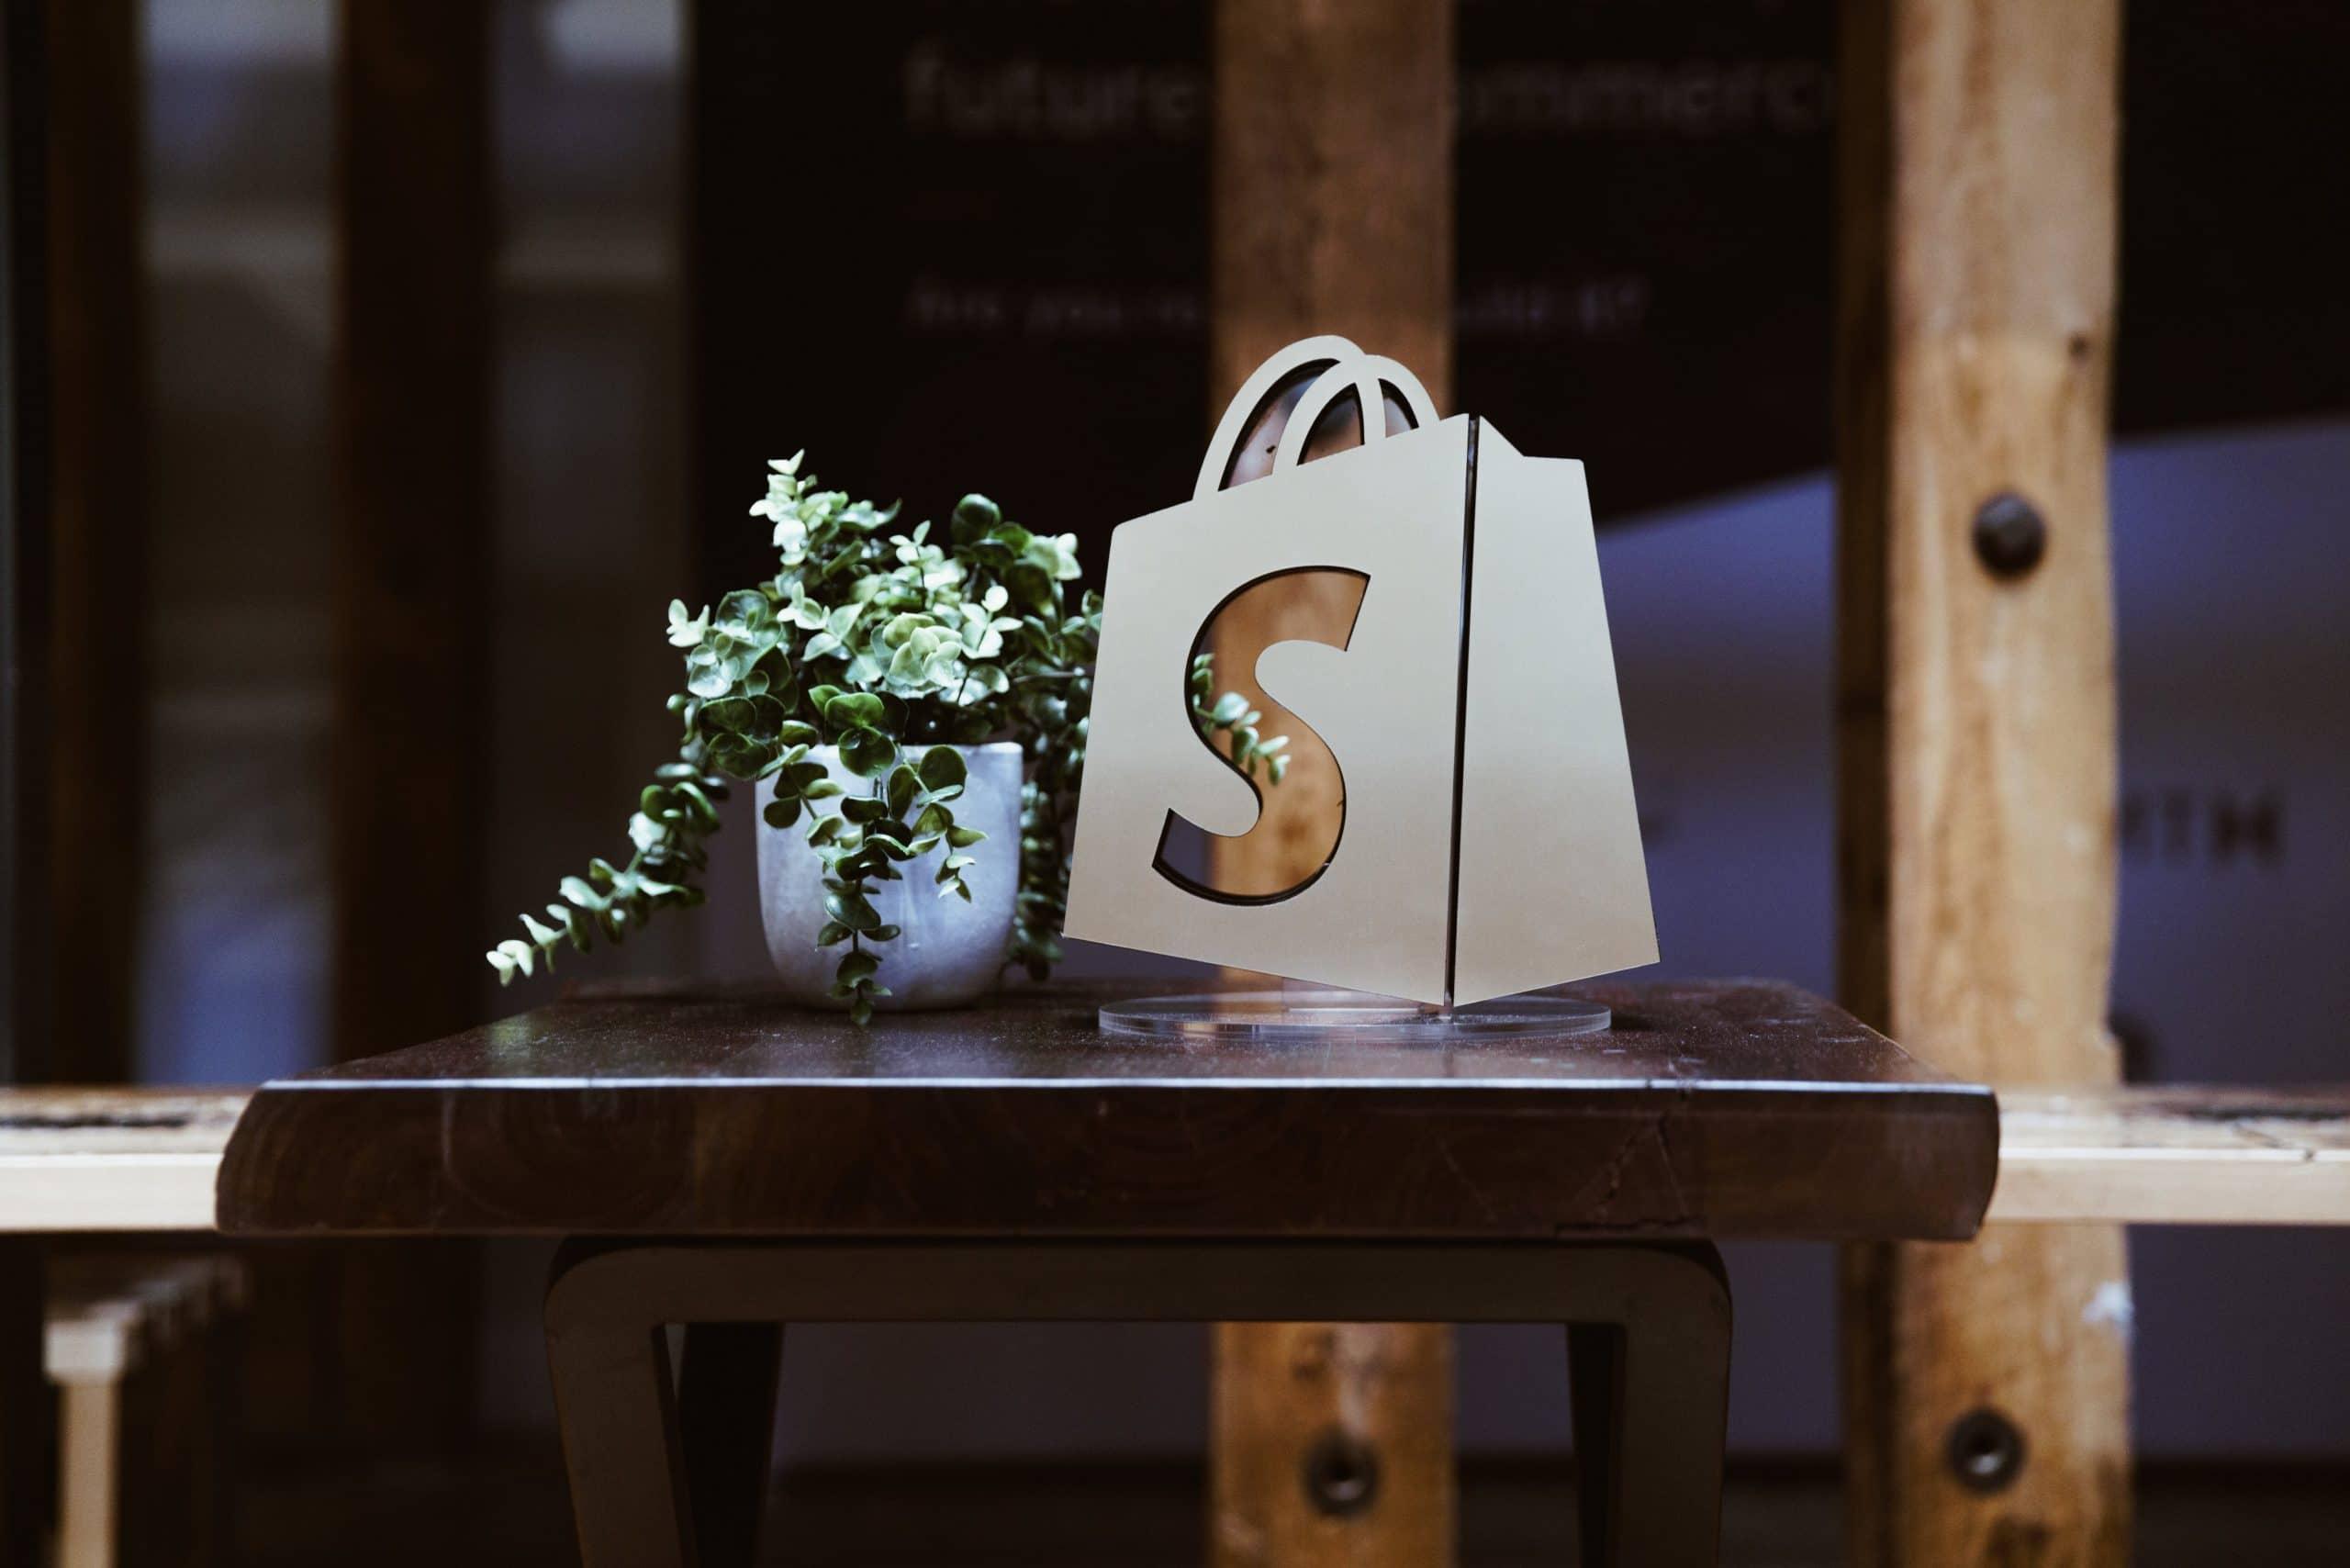 comment créer sa boutique en ligne avec Shopify e-commerce